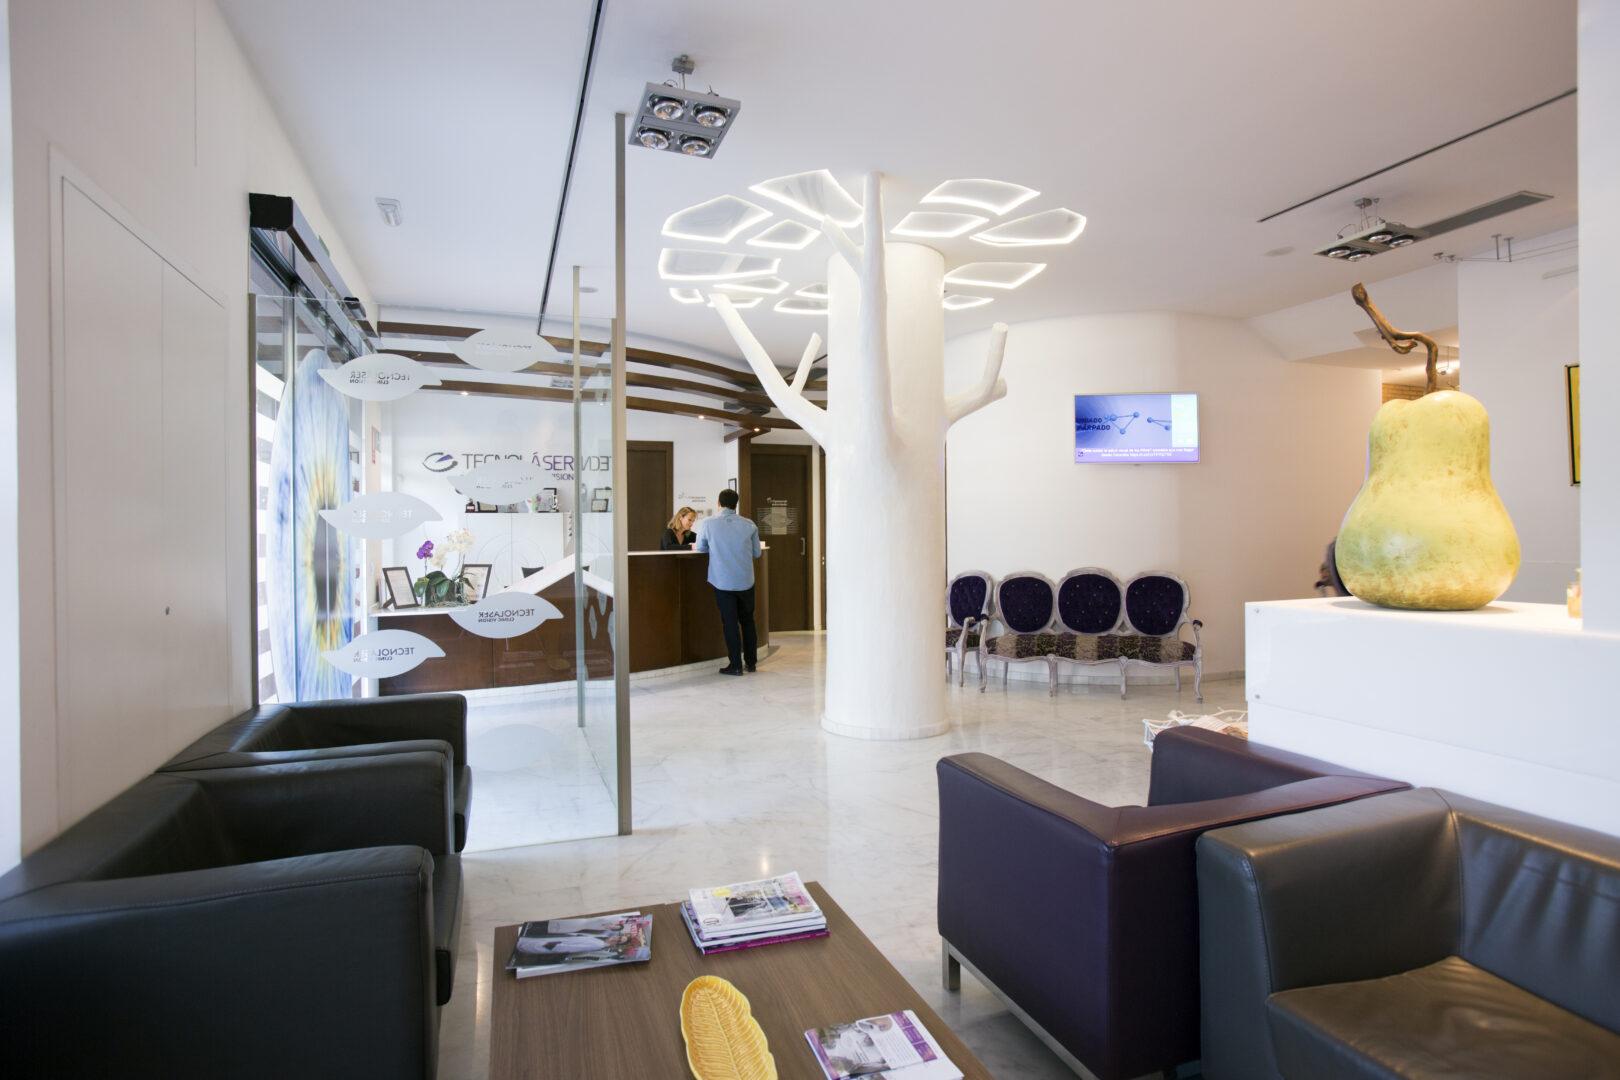 Centros tecnolaser sevilla tecnolaser clinic vision for Oficina de adeslas